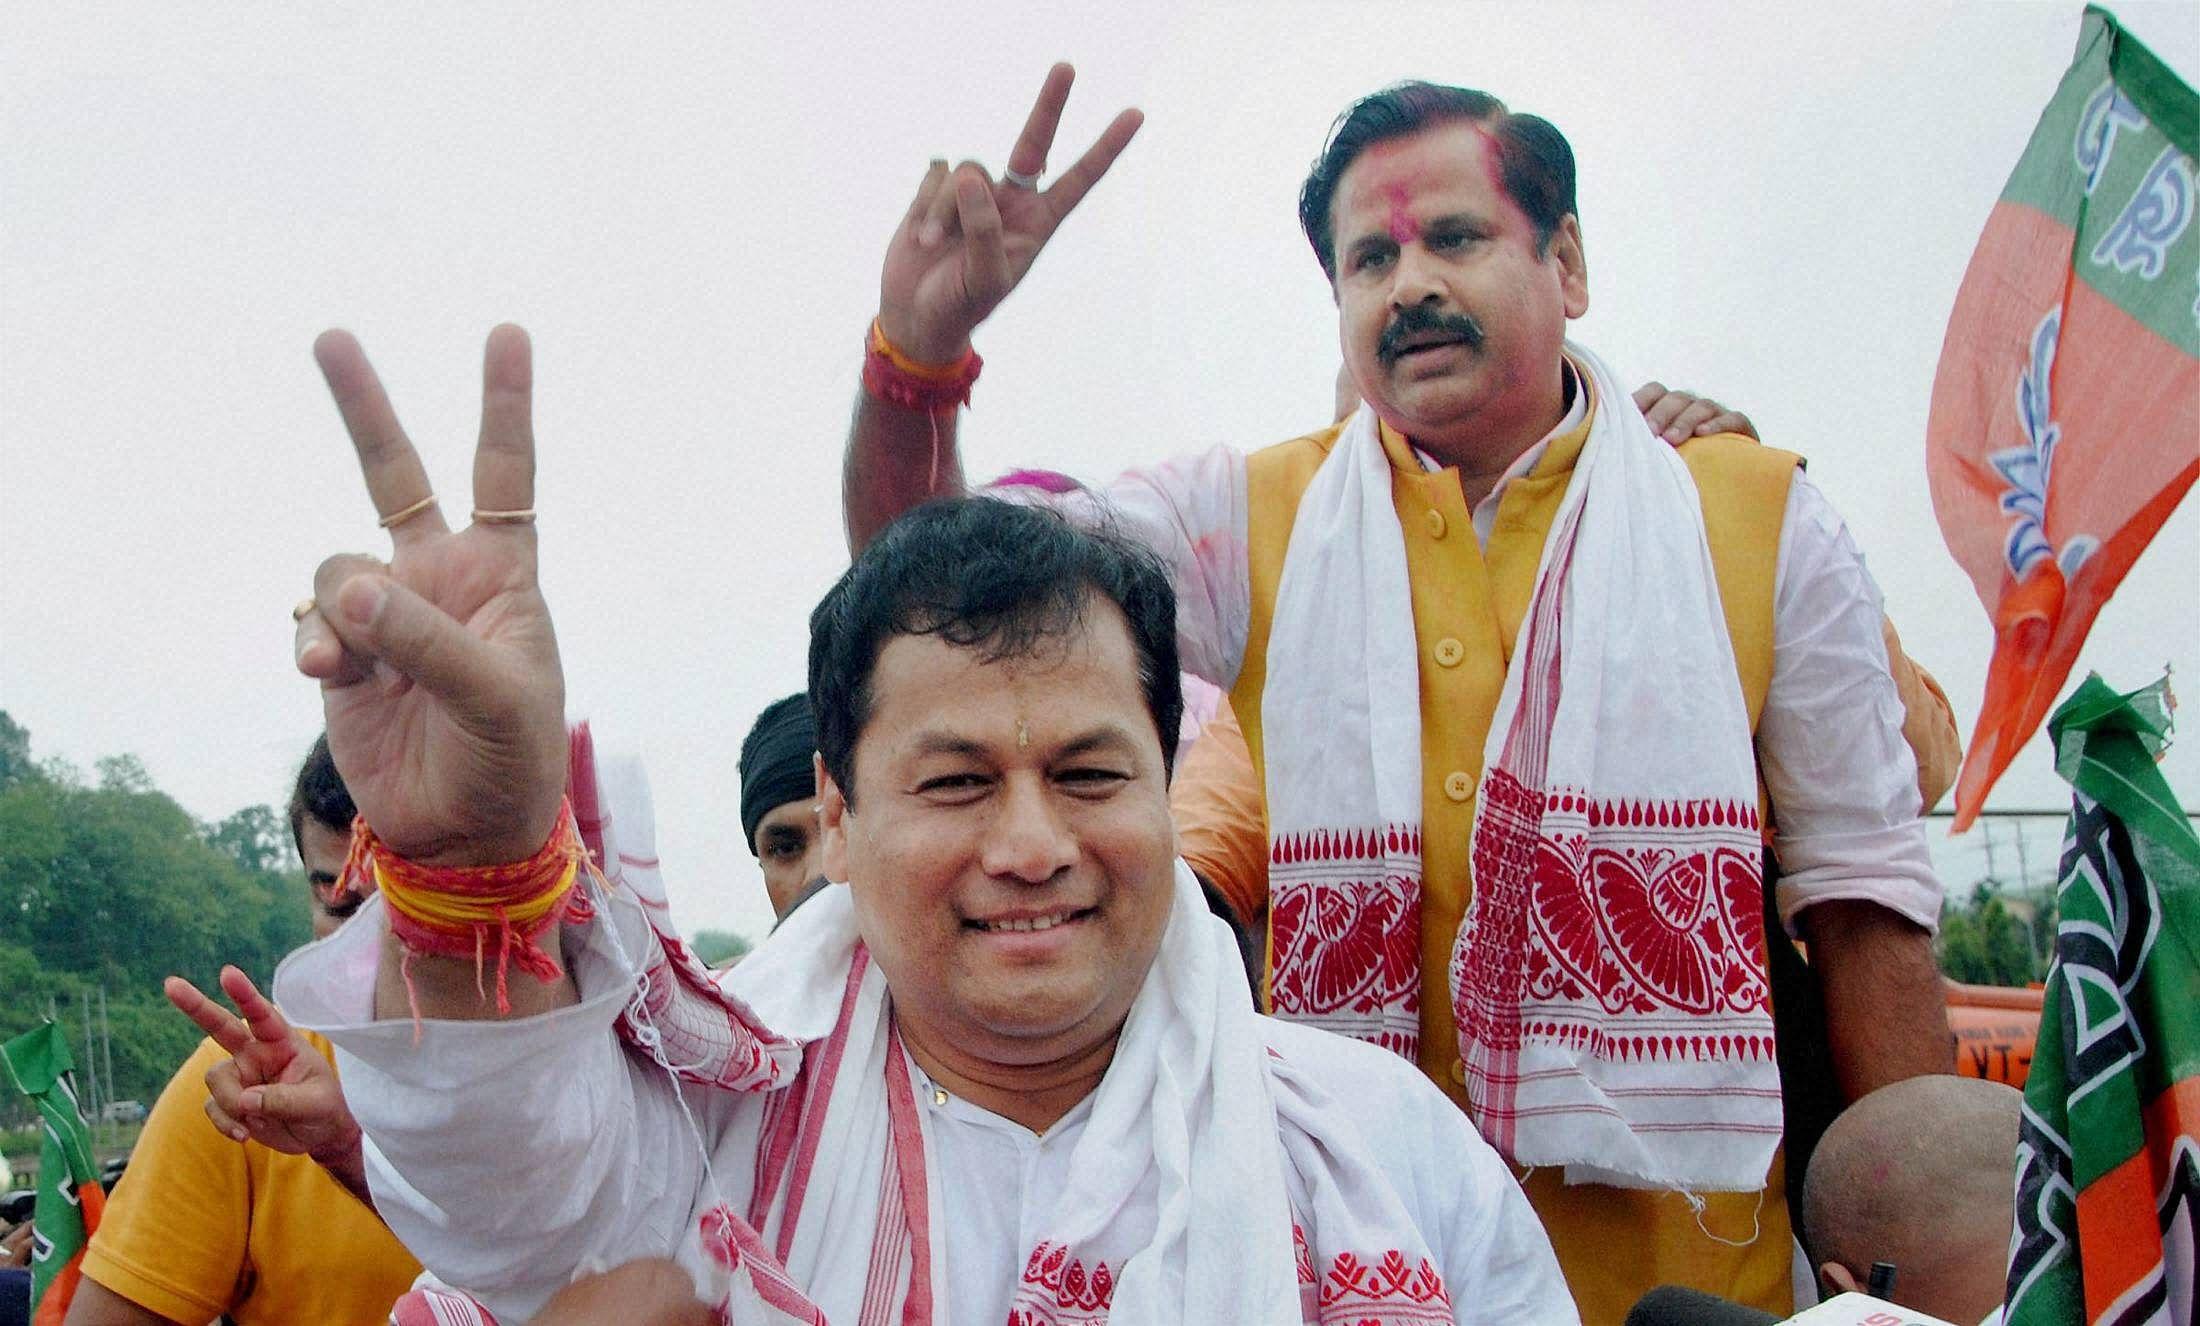 Hemant Vishwa Sharma Will Be Deputy Cm Of Assam! - असम में सोनोवाल का साथ  देने के लिए हेमंत विश्व शर्मा को डिप्टी सीएम बनाएगी बीजेपी - Amar Ujala  Hindi News Live